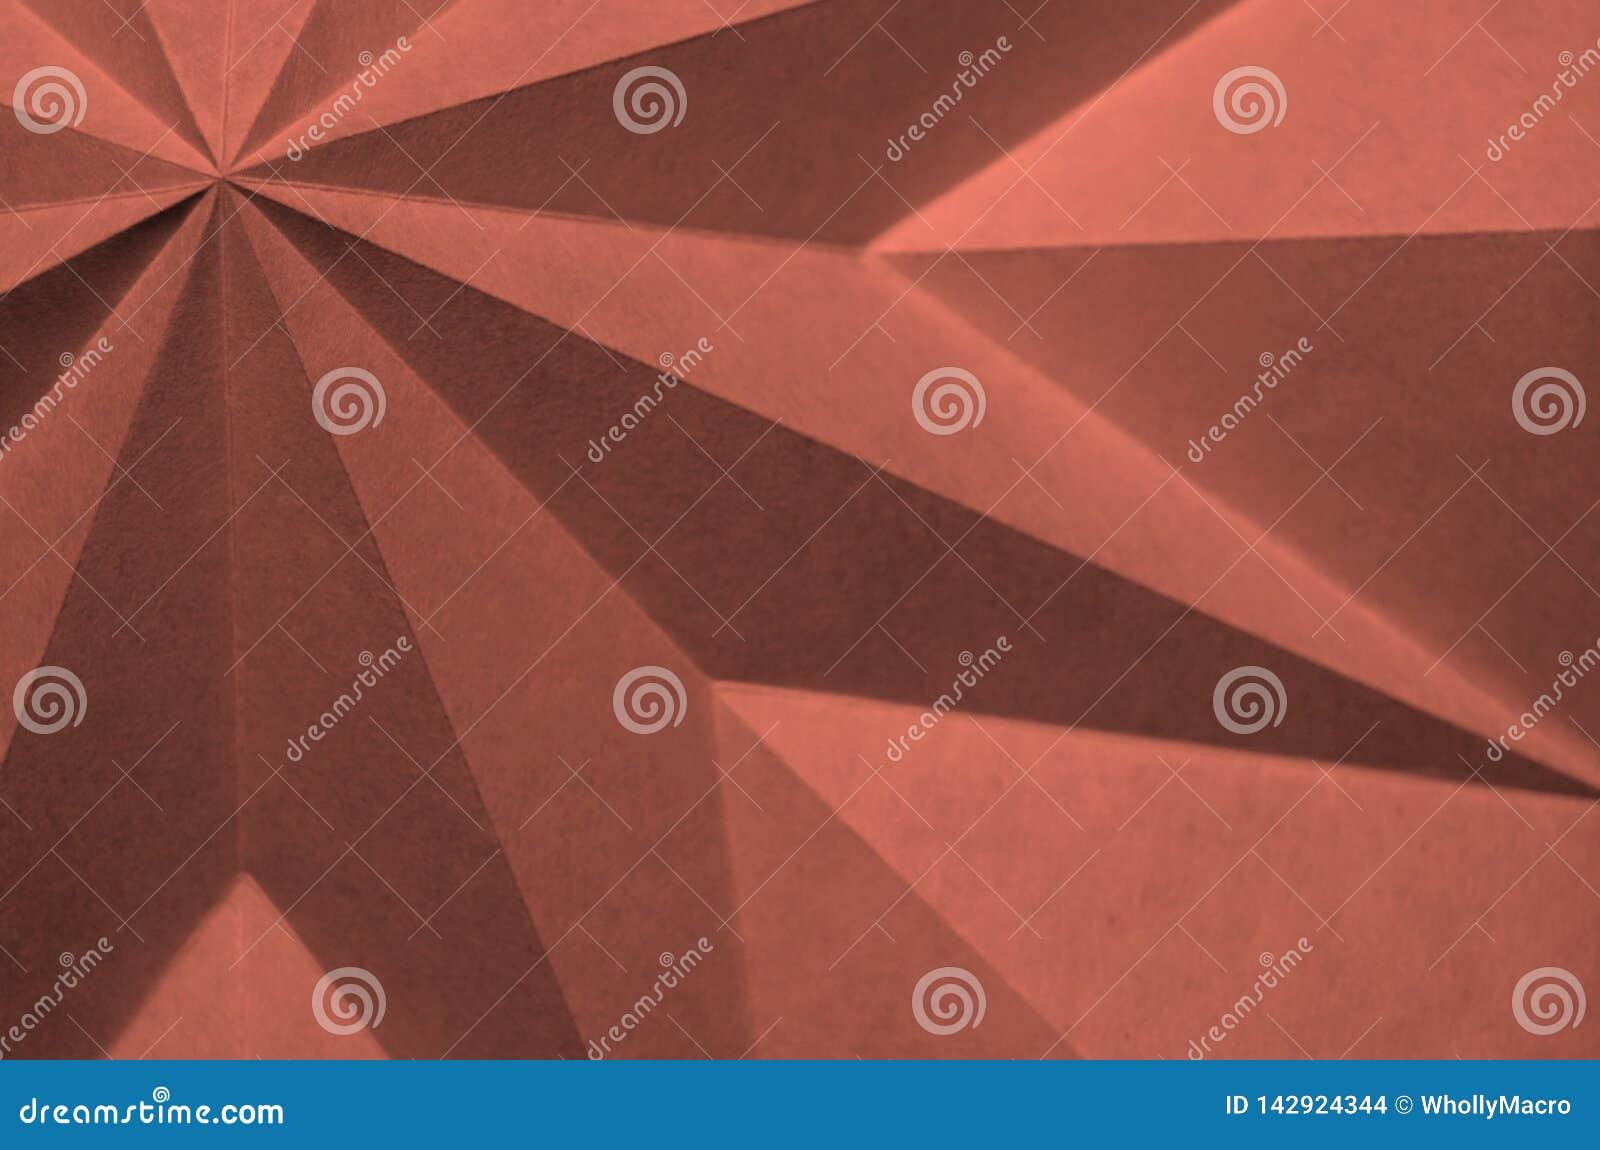 Cette image est une fin en hausse de papier pli?